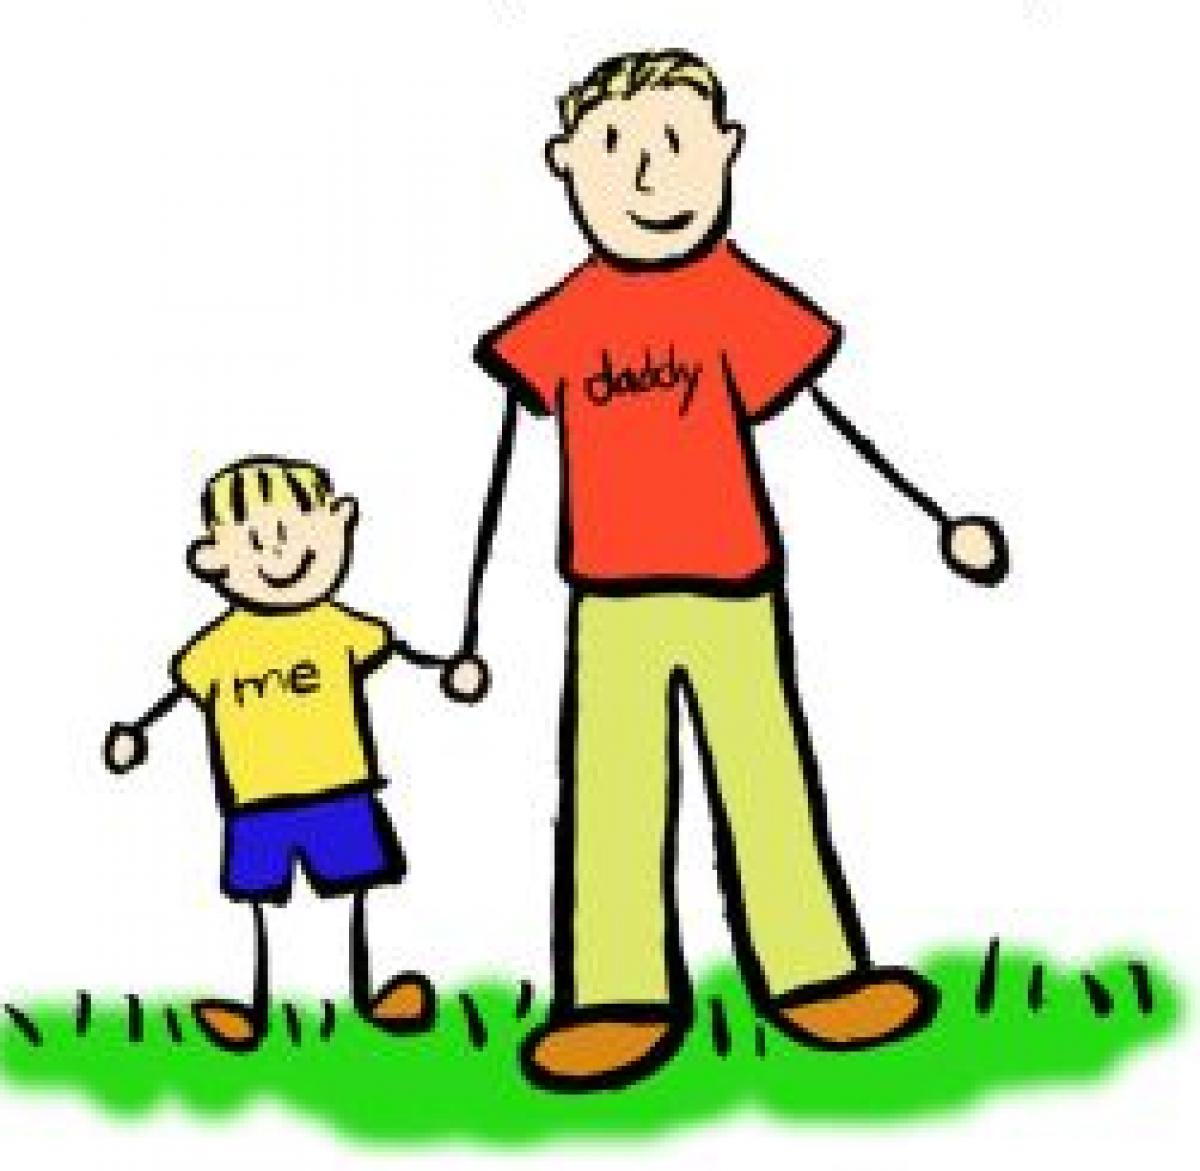 Ο μπαμπάς θα λείψει για κάποιους μήνες. Πώς να προετοιμάσω το γιο μου;